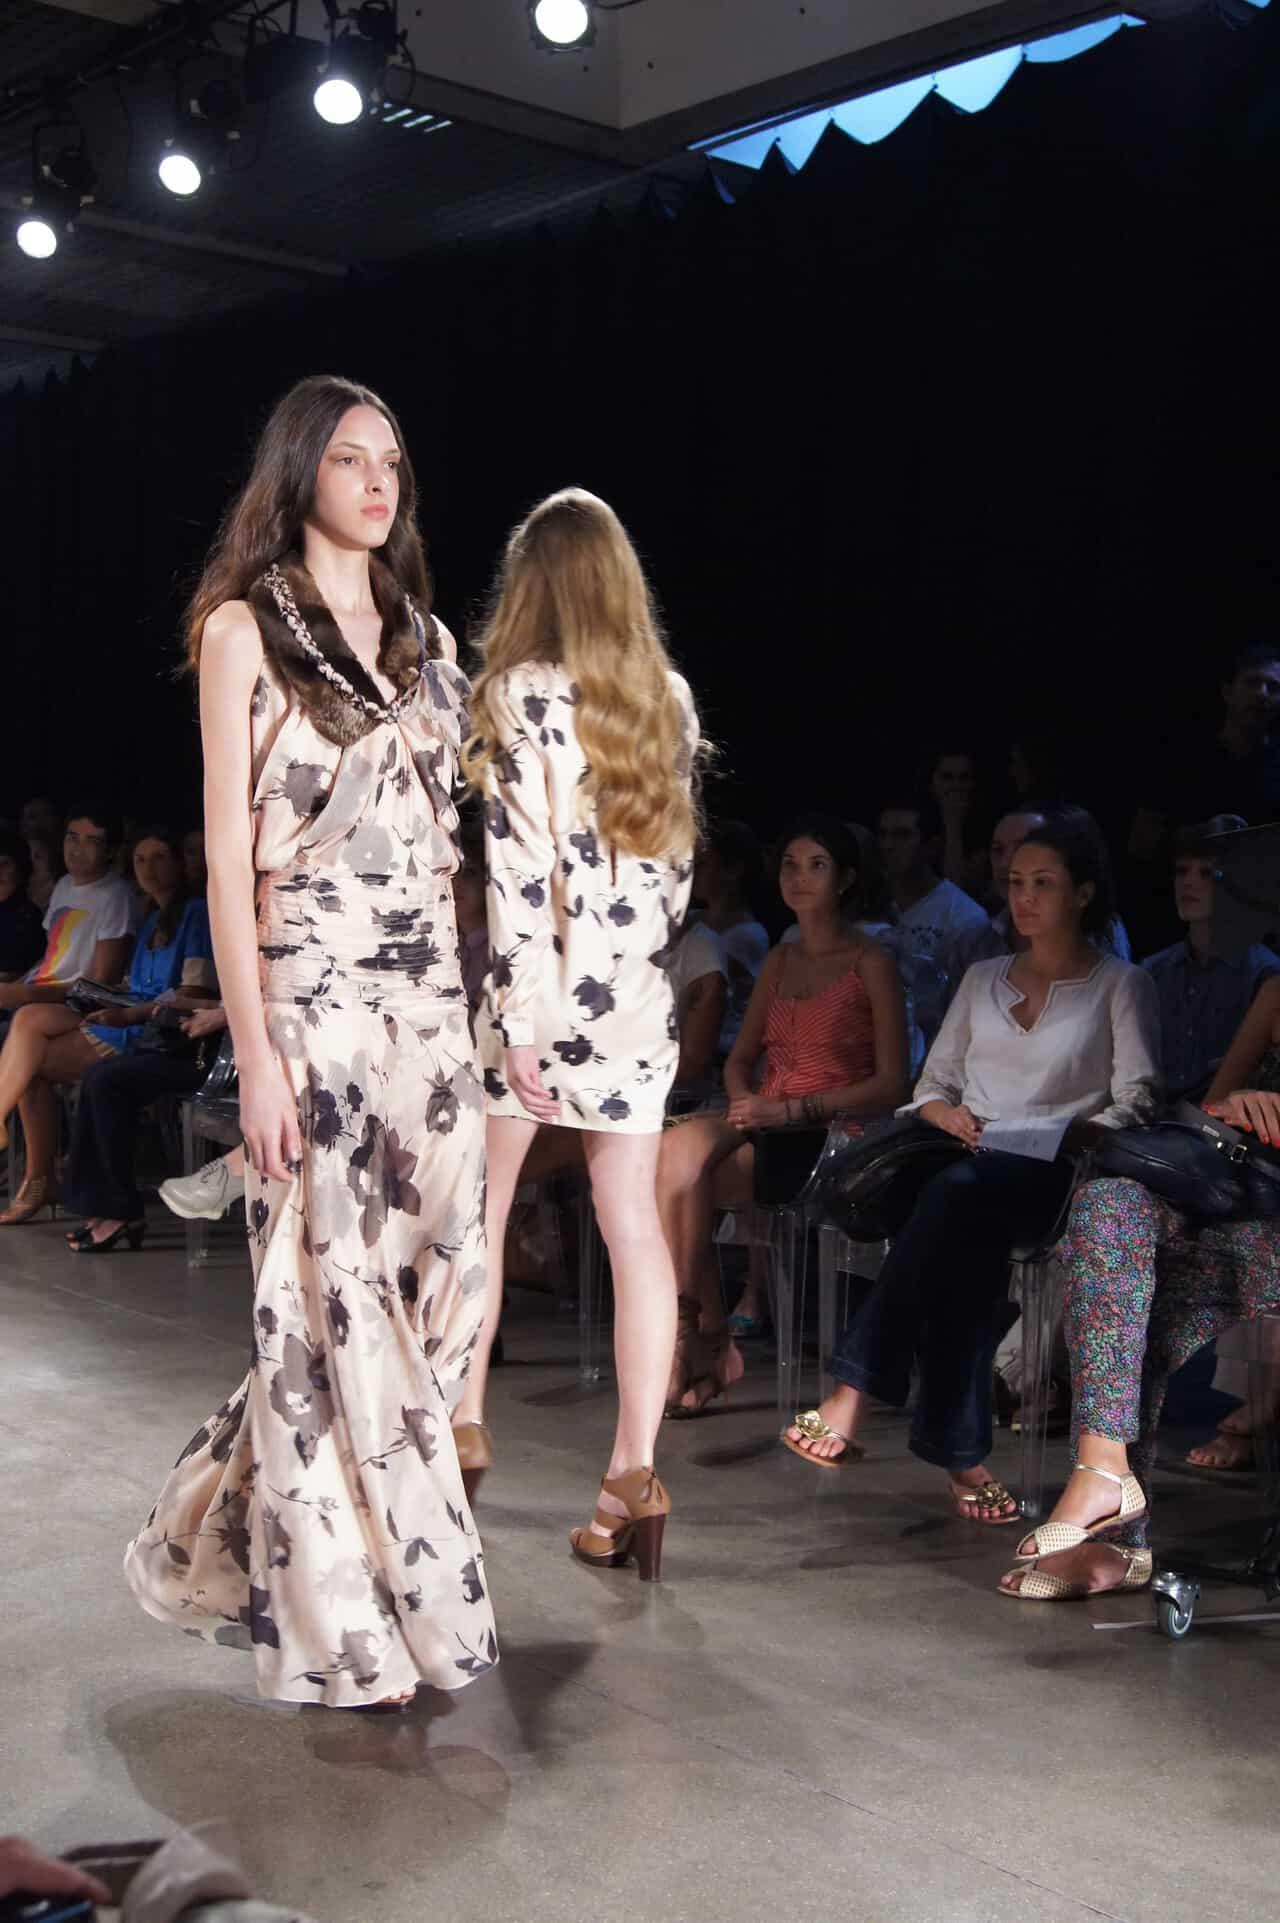 db44715a1 Fashion day in